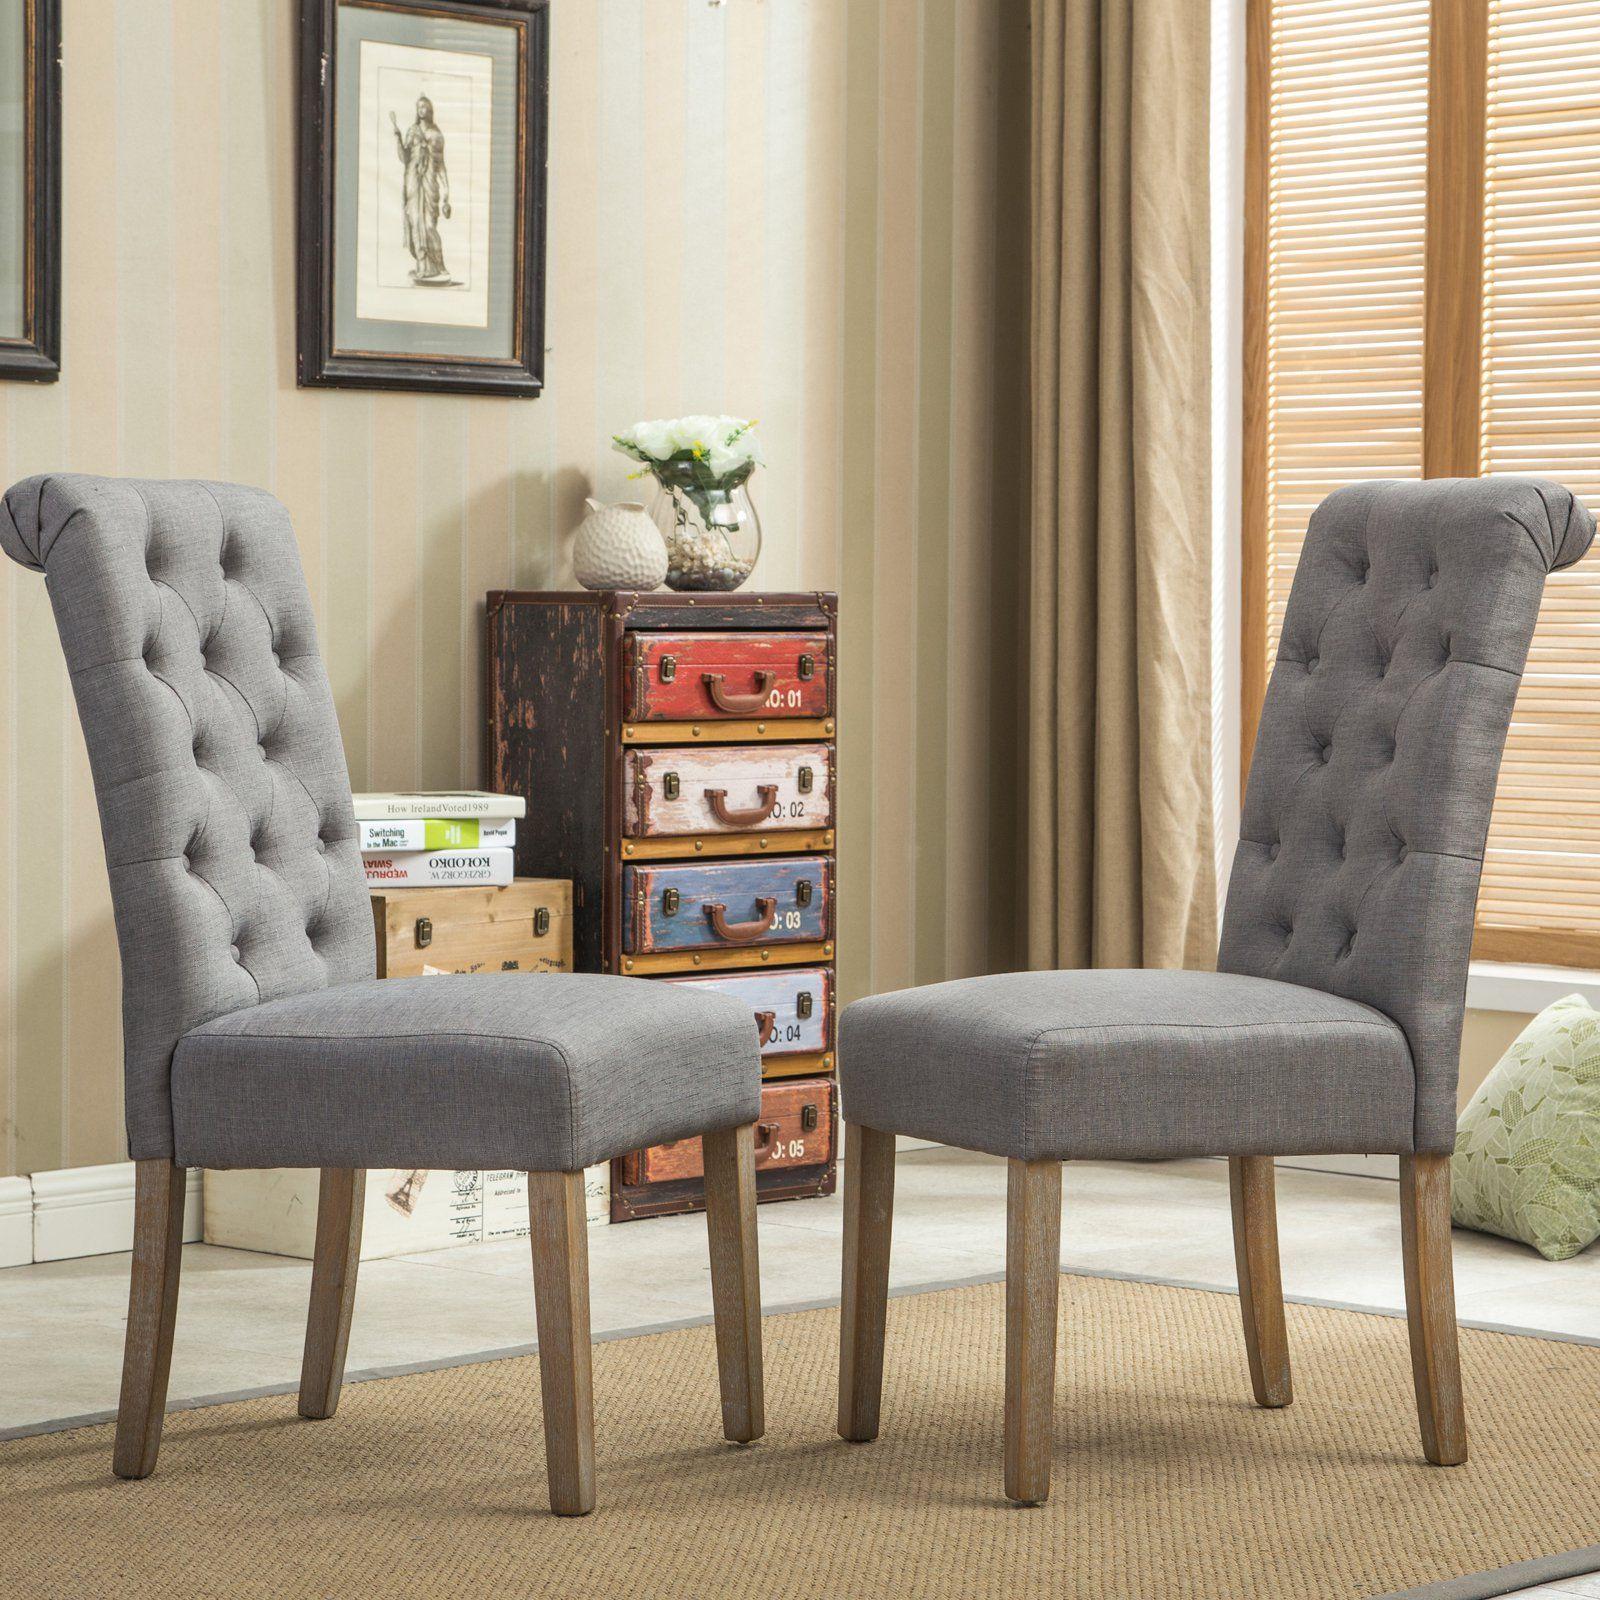 Roundhill Furniture Habit Tufted Parsons Dining Chair Set Of 2 Gray Parsons Dining Chairs Dining Chair Set Dining Chairs